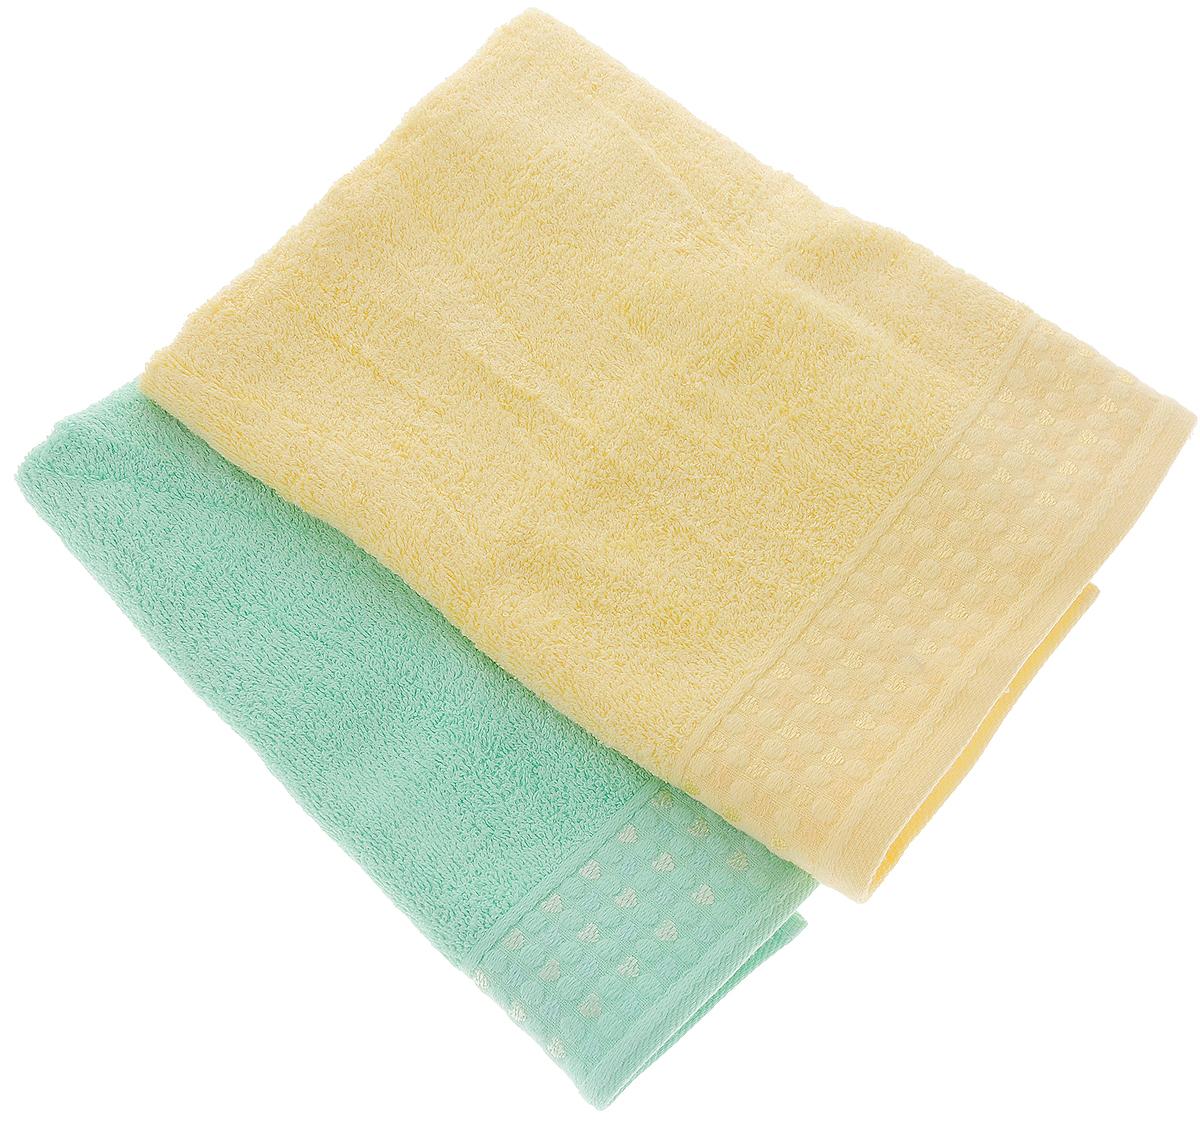 Набор полотенец Tete-a-Tete Сердечки, цвет: желтый, бирюза, 50 х 90 см, 2 штУП-107-01-2кНабор Tete-a-Tete Сердечки состоит из двух махровых полотенец, выполненных из натурального 100% хлопка. Бордюр полотенец декорирован рисунком сердечек. Изделия мягкие, отлично впитывают влагу, быстро сохнут, сохраняют яркость цвета и не теряют форму даже после многократных стирок. Полотенца Tete-a-Tete Сердечки очень практичны и неприхотливы в уходе. Они легко впишутся в любой интерьер благодаря своей нежной цветовой гамме. Набор упакован в красивую коробку и может послужить отличной идеей подарка.Размер полотенец: 50 х 90 см.